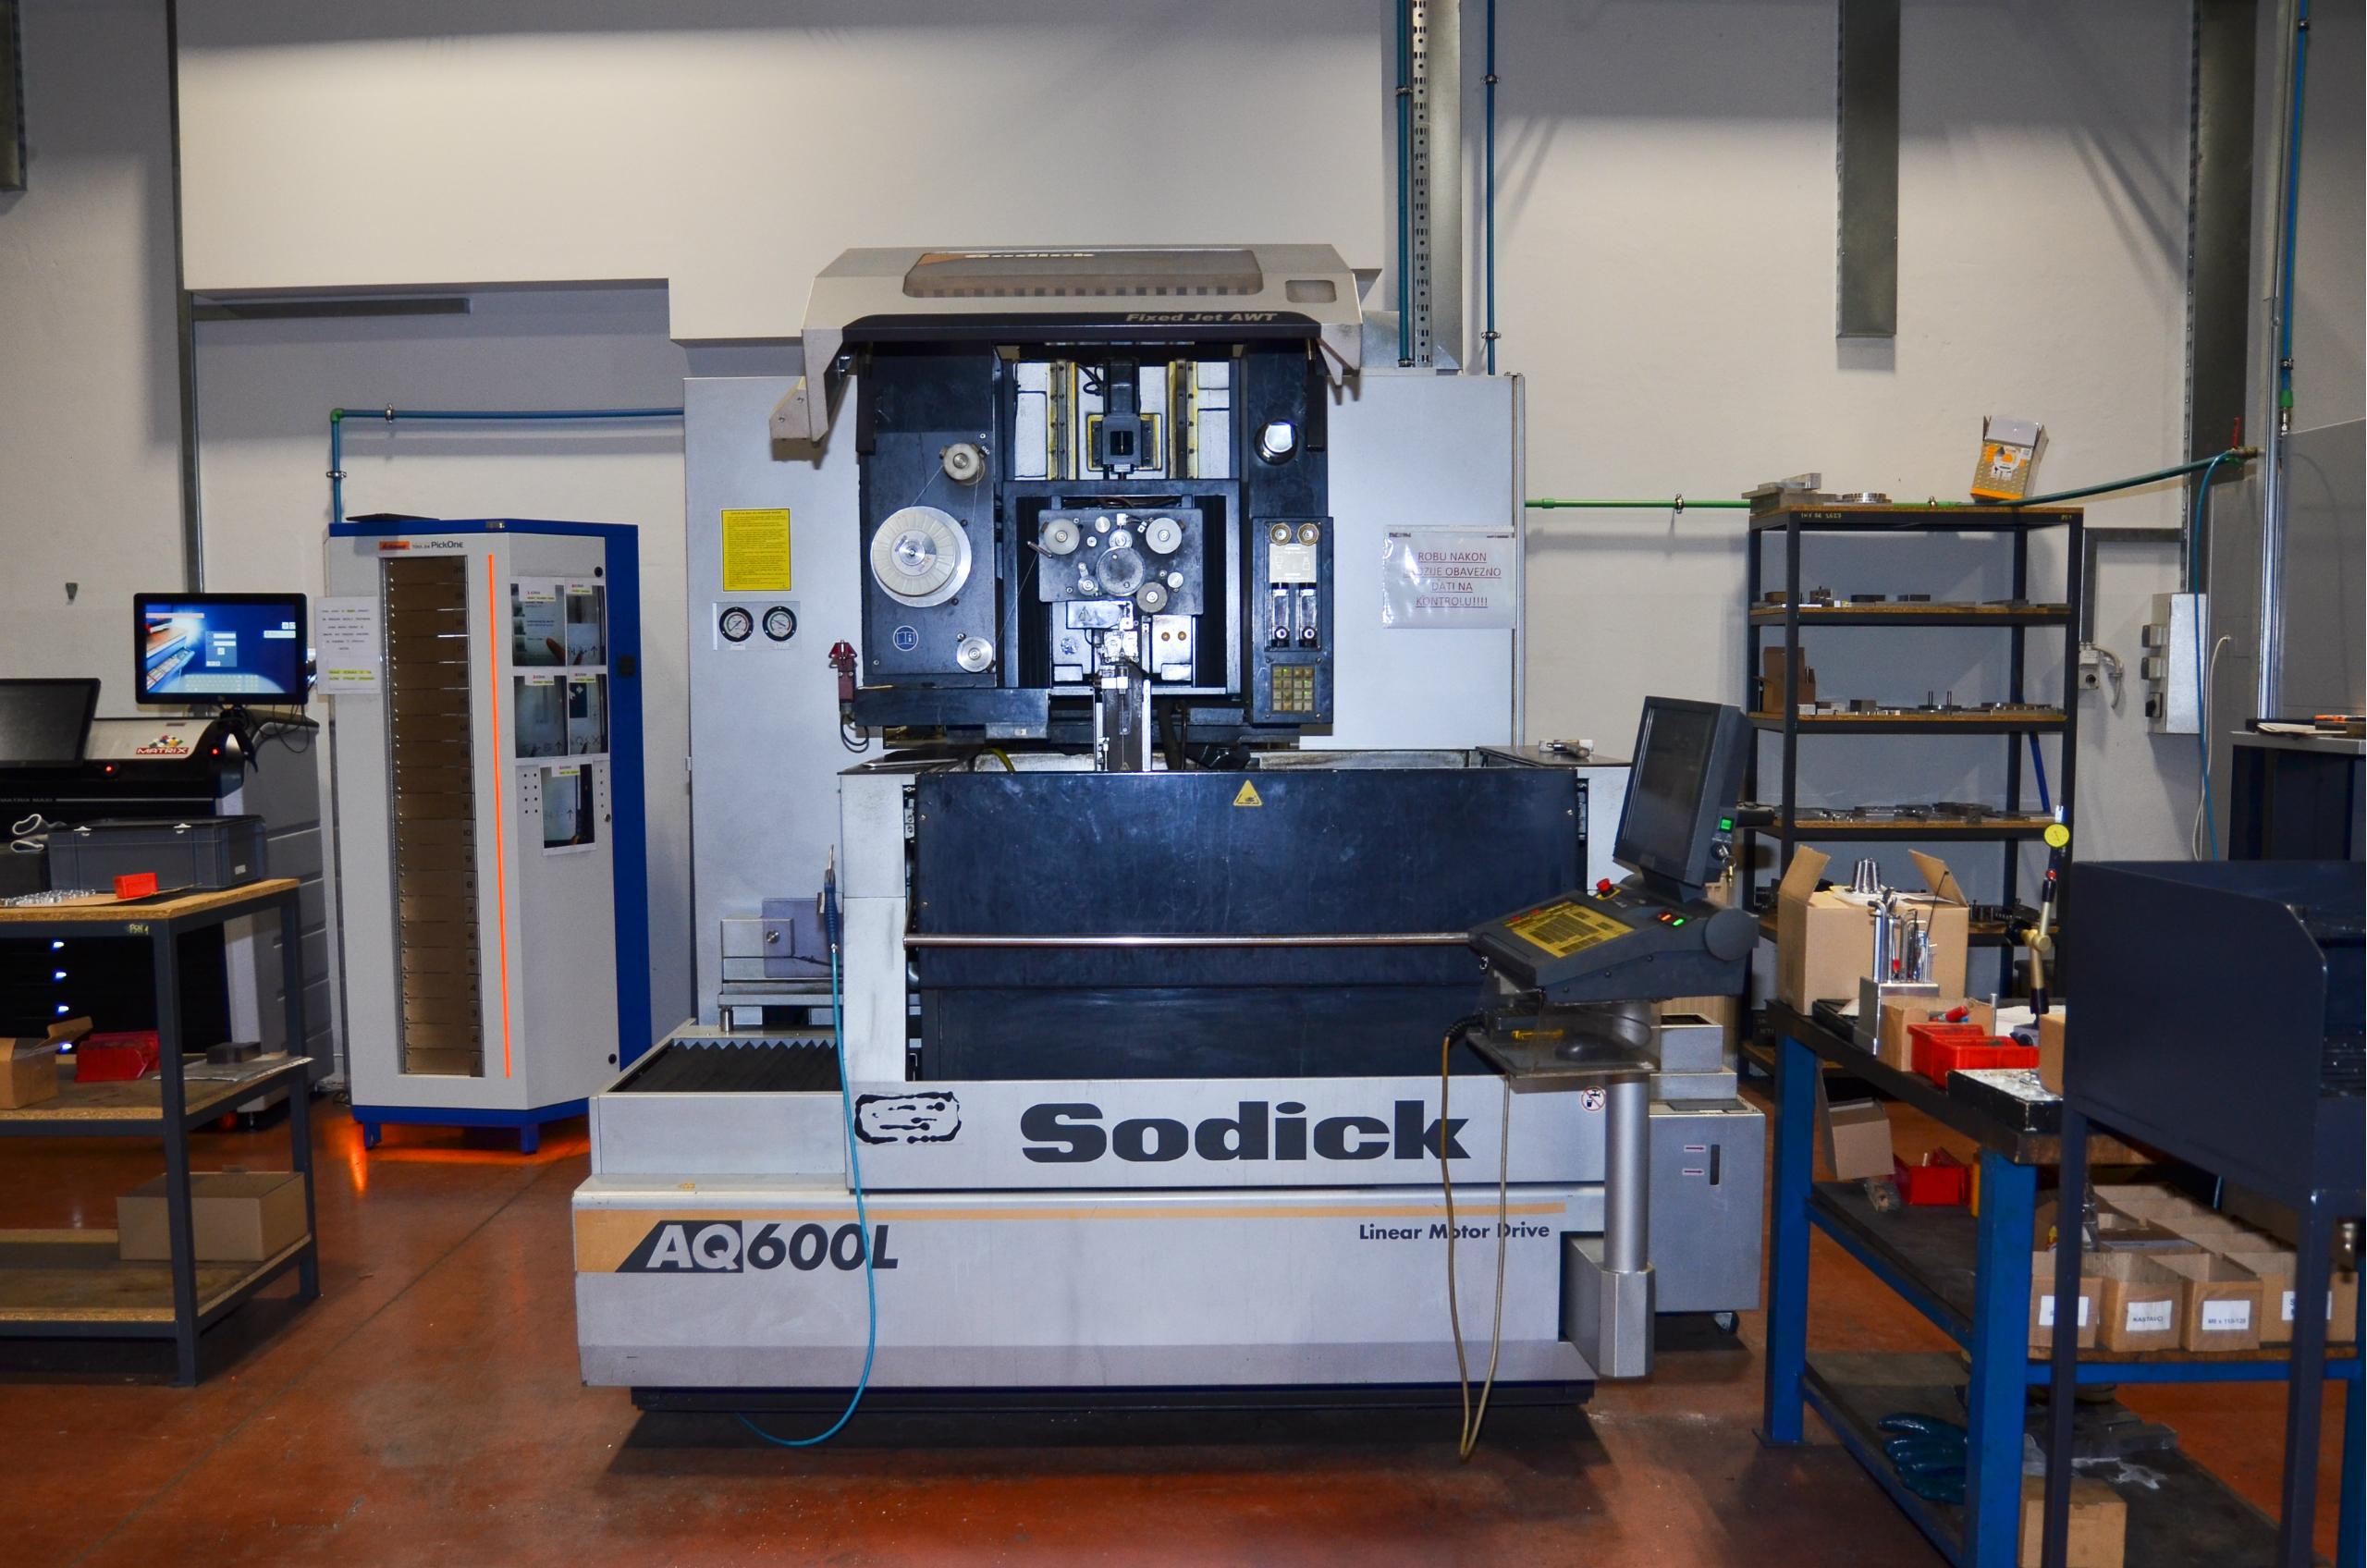 SODICK AQ 600L